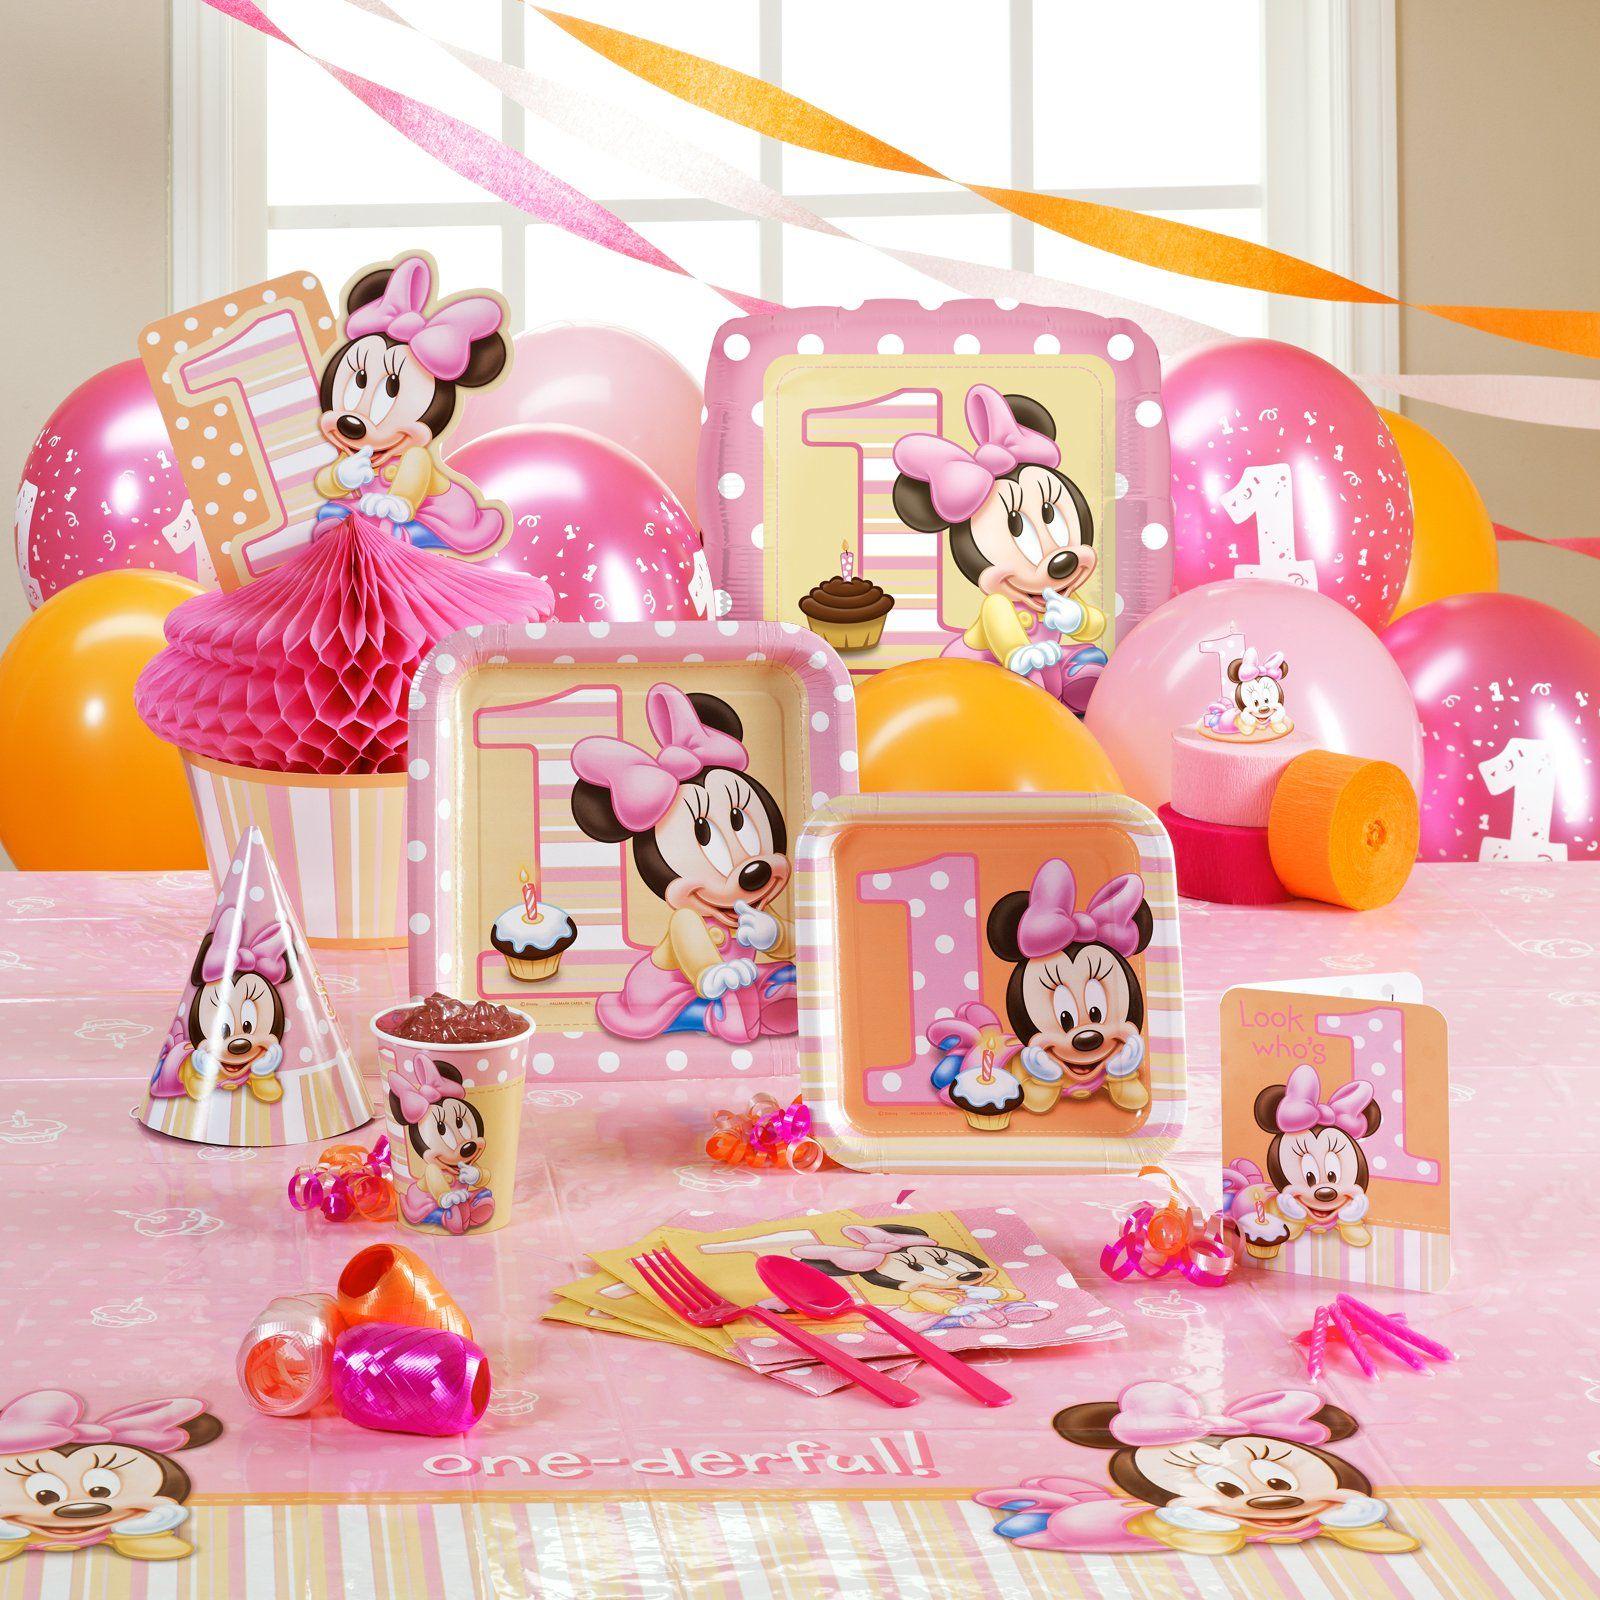 Baby minnie disney cumple infantiles pinterest - Decoracion de minnie mouse para cumpleanos ...